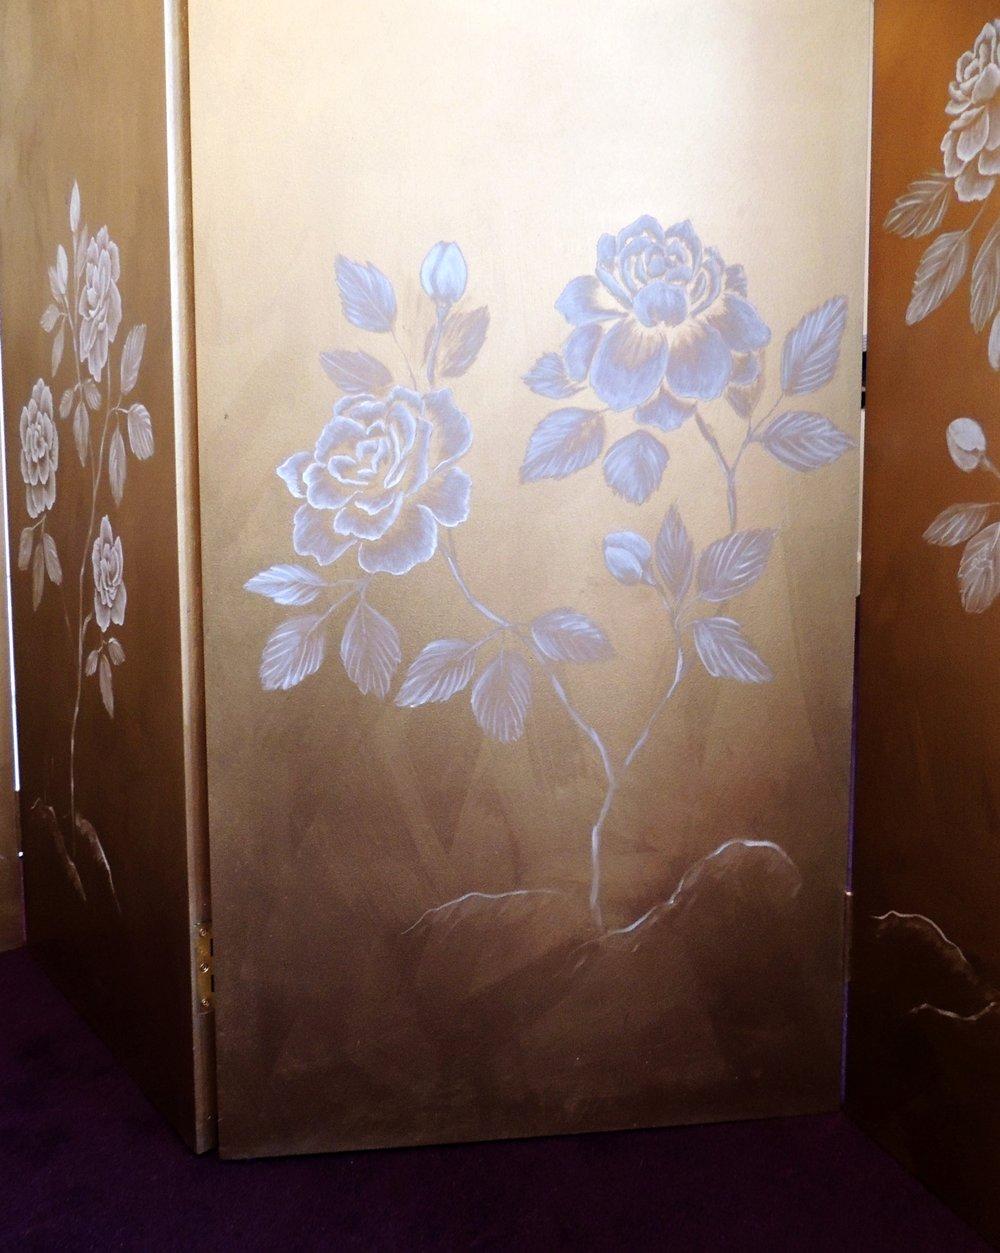 Moonlight Screen Detail  Frederick Wimsett - murals and artistic design 1.jpg